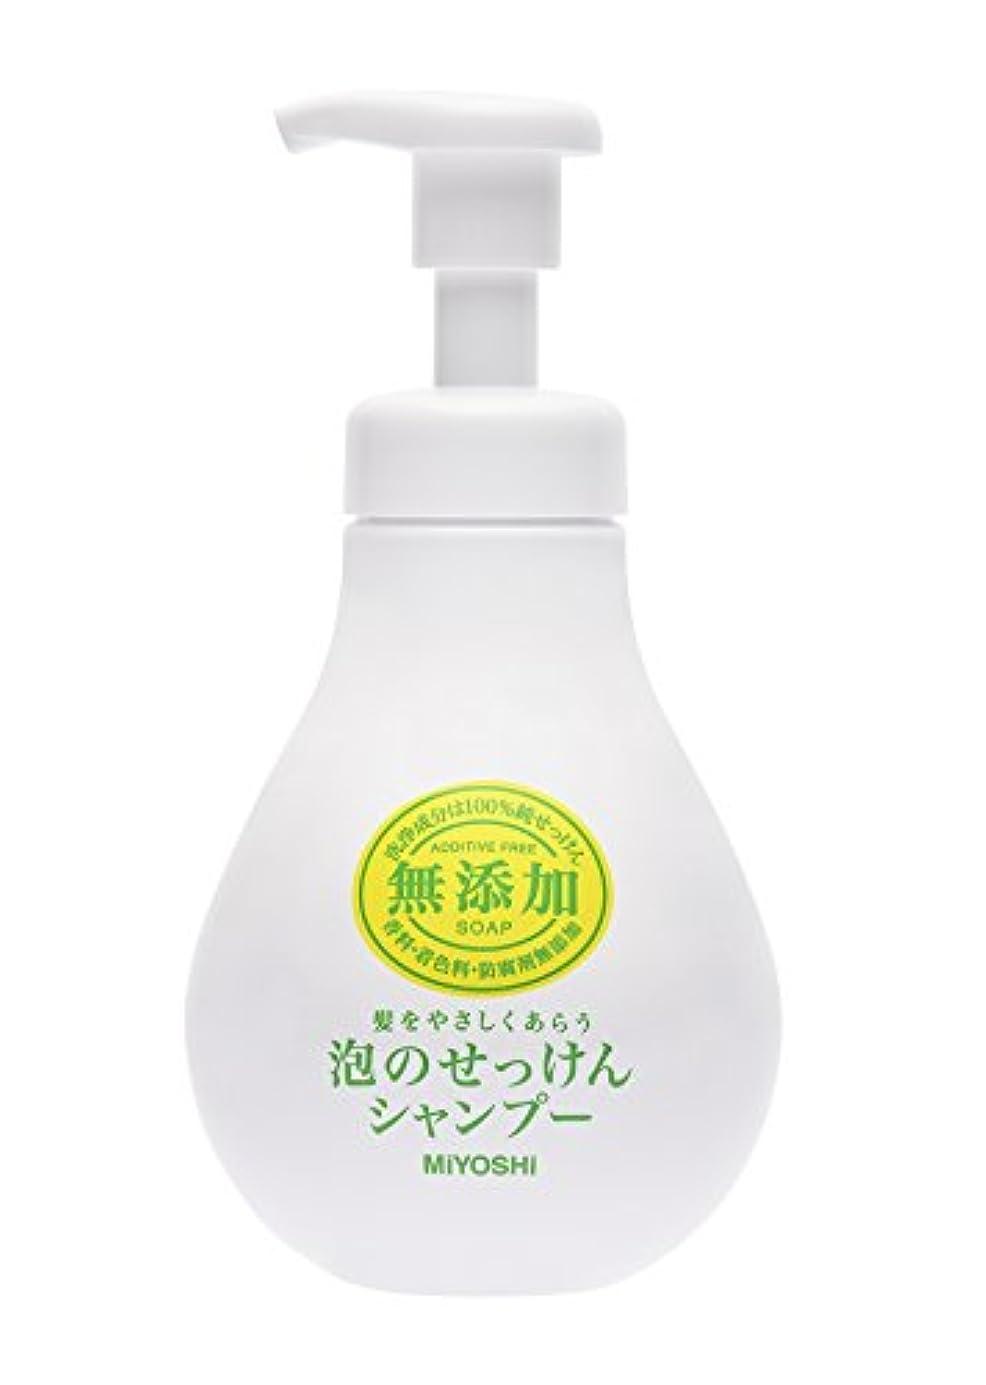 行く実験前兆ミヨシ石鹸 無添加 泡のせっけんシャンプー シャンプー本体 500mL